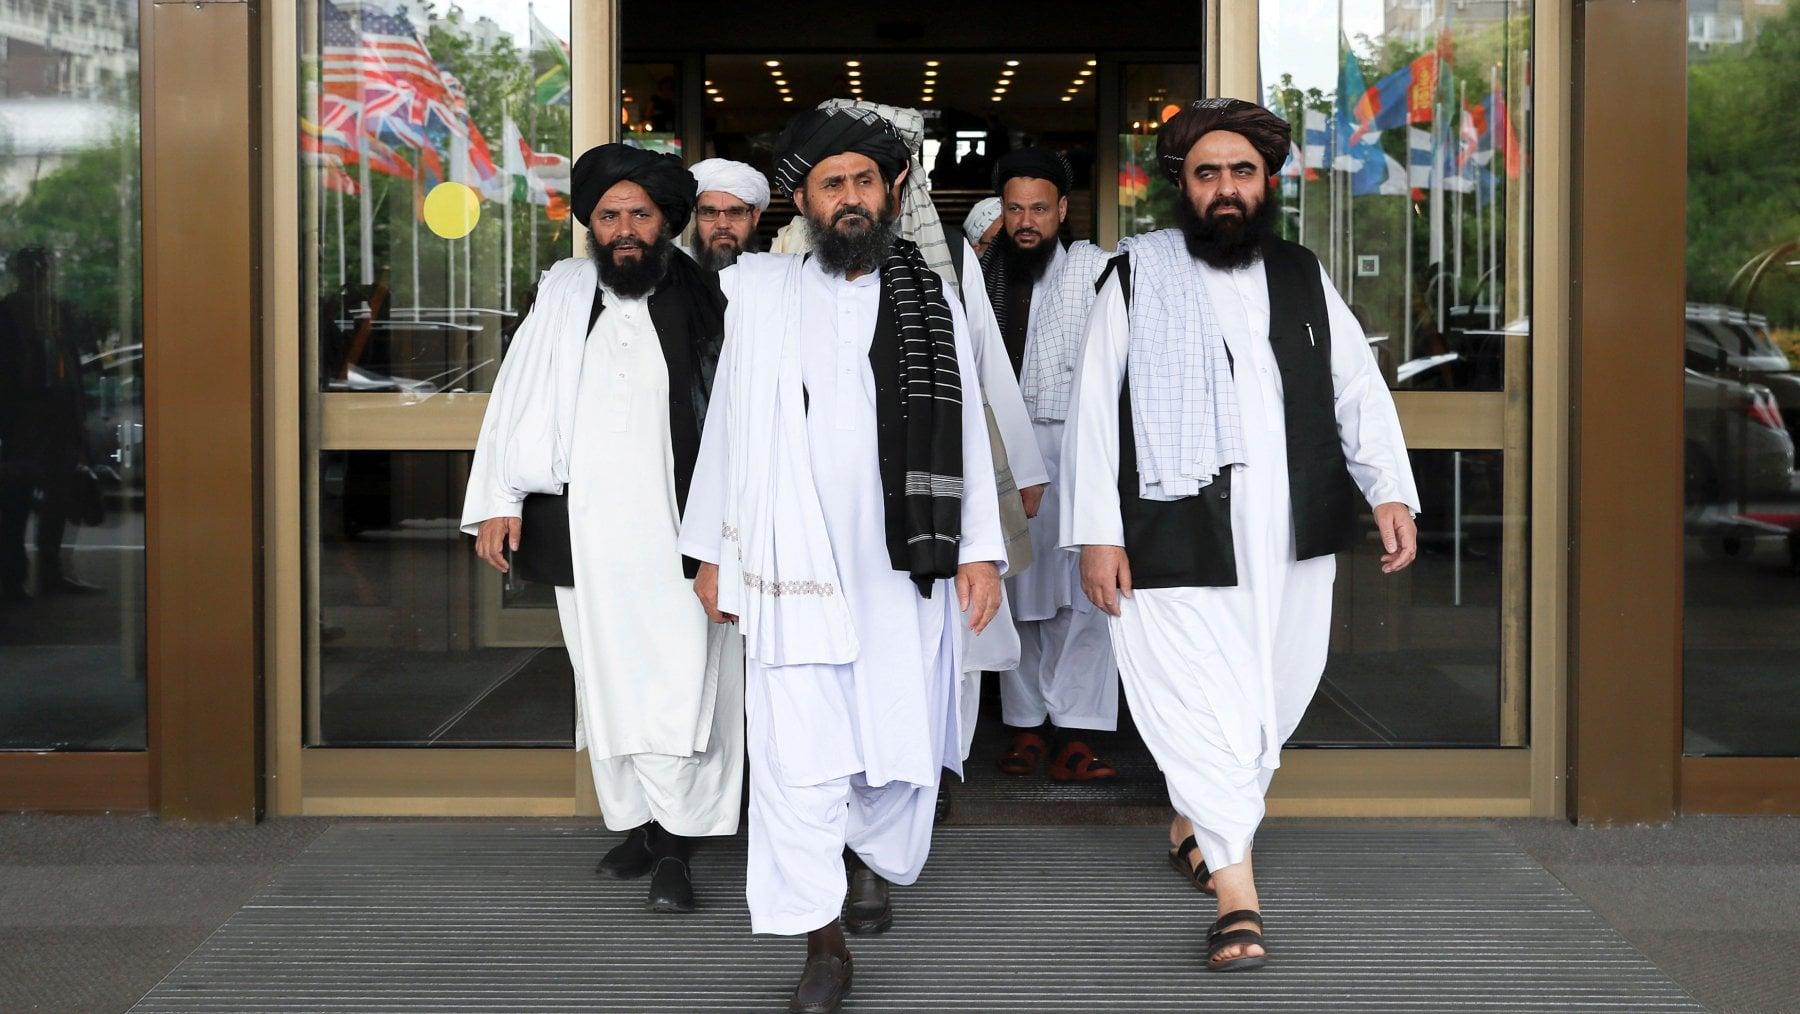 212515366 23aba763 3483 4211 9b34 61e567c1493a - Afghanistan, tutto quello che c'è da sapere sul nuovo conflitto